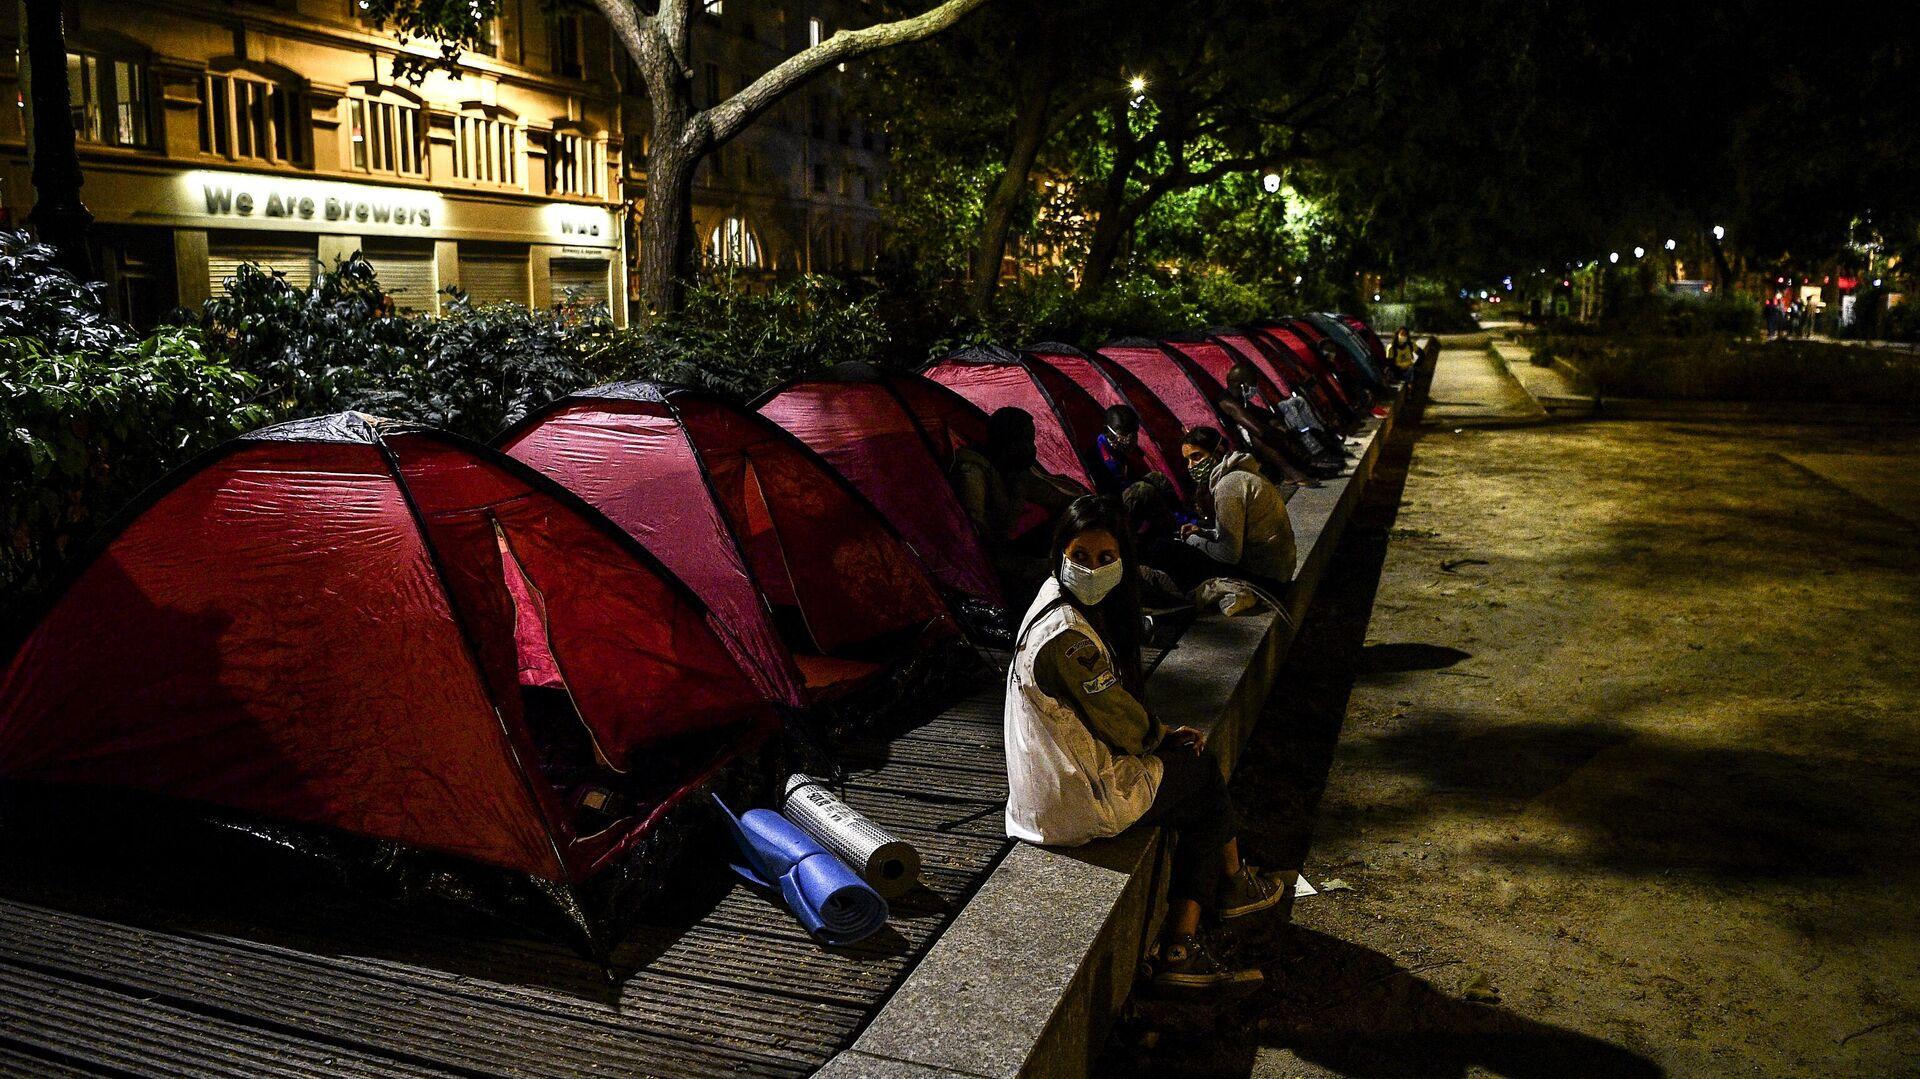 Палатки мигрантов на одной из улиц Парижа - Sputnik Узбекистан, 1920, 28.09.2021